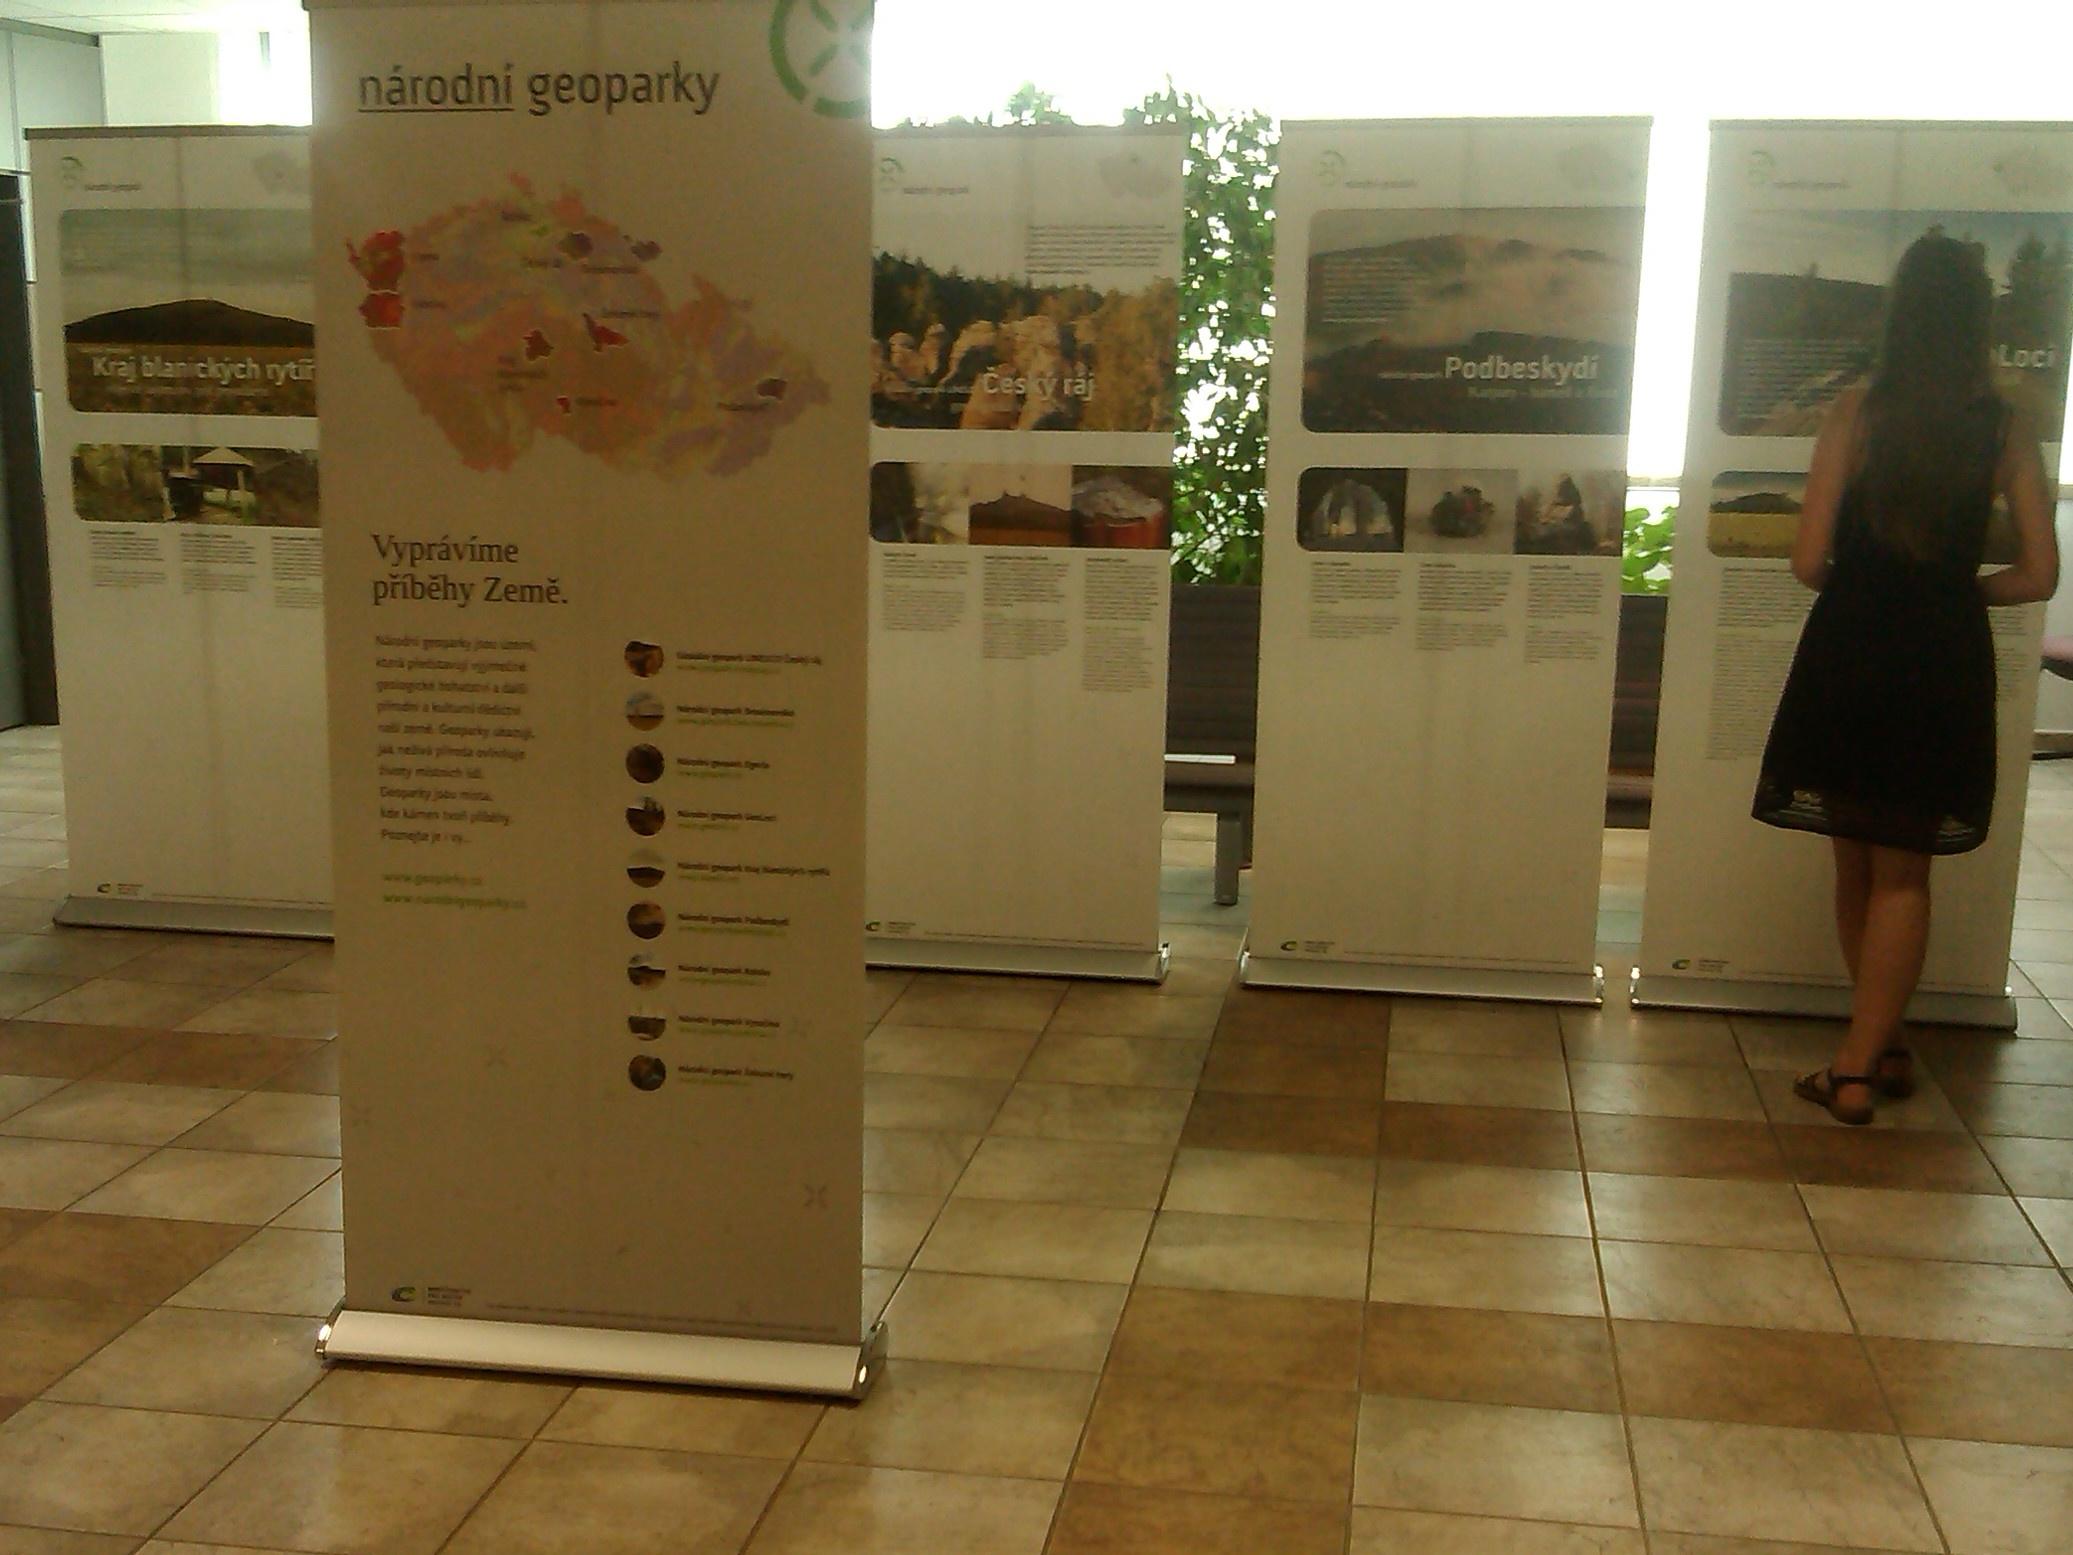 České geoparky mají novou výstavu a ČR svou zástupkyni v Radě globálních geoparků UNESCO